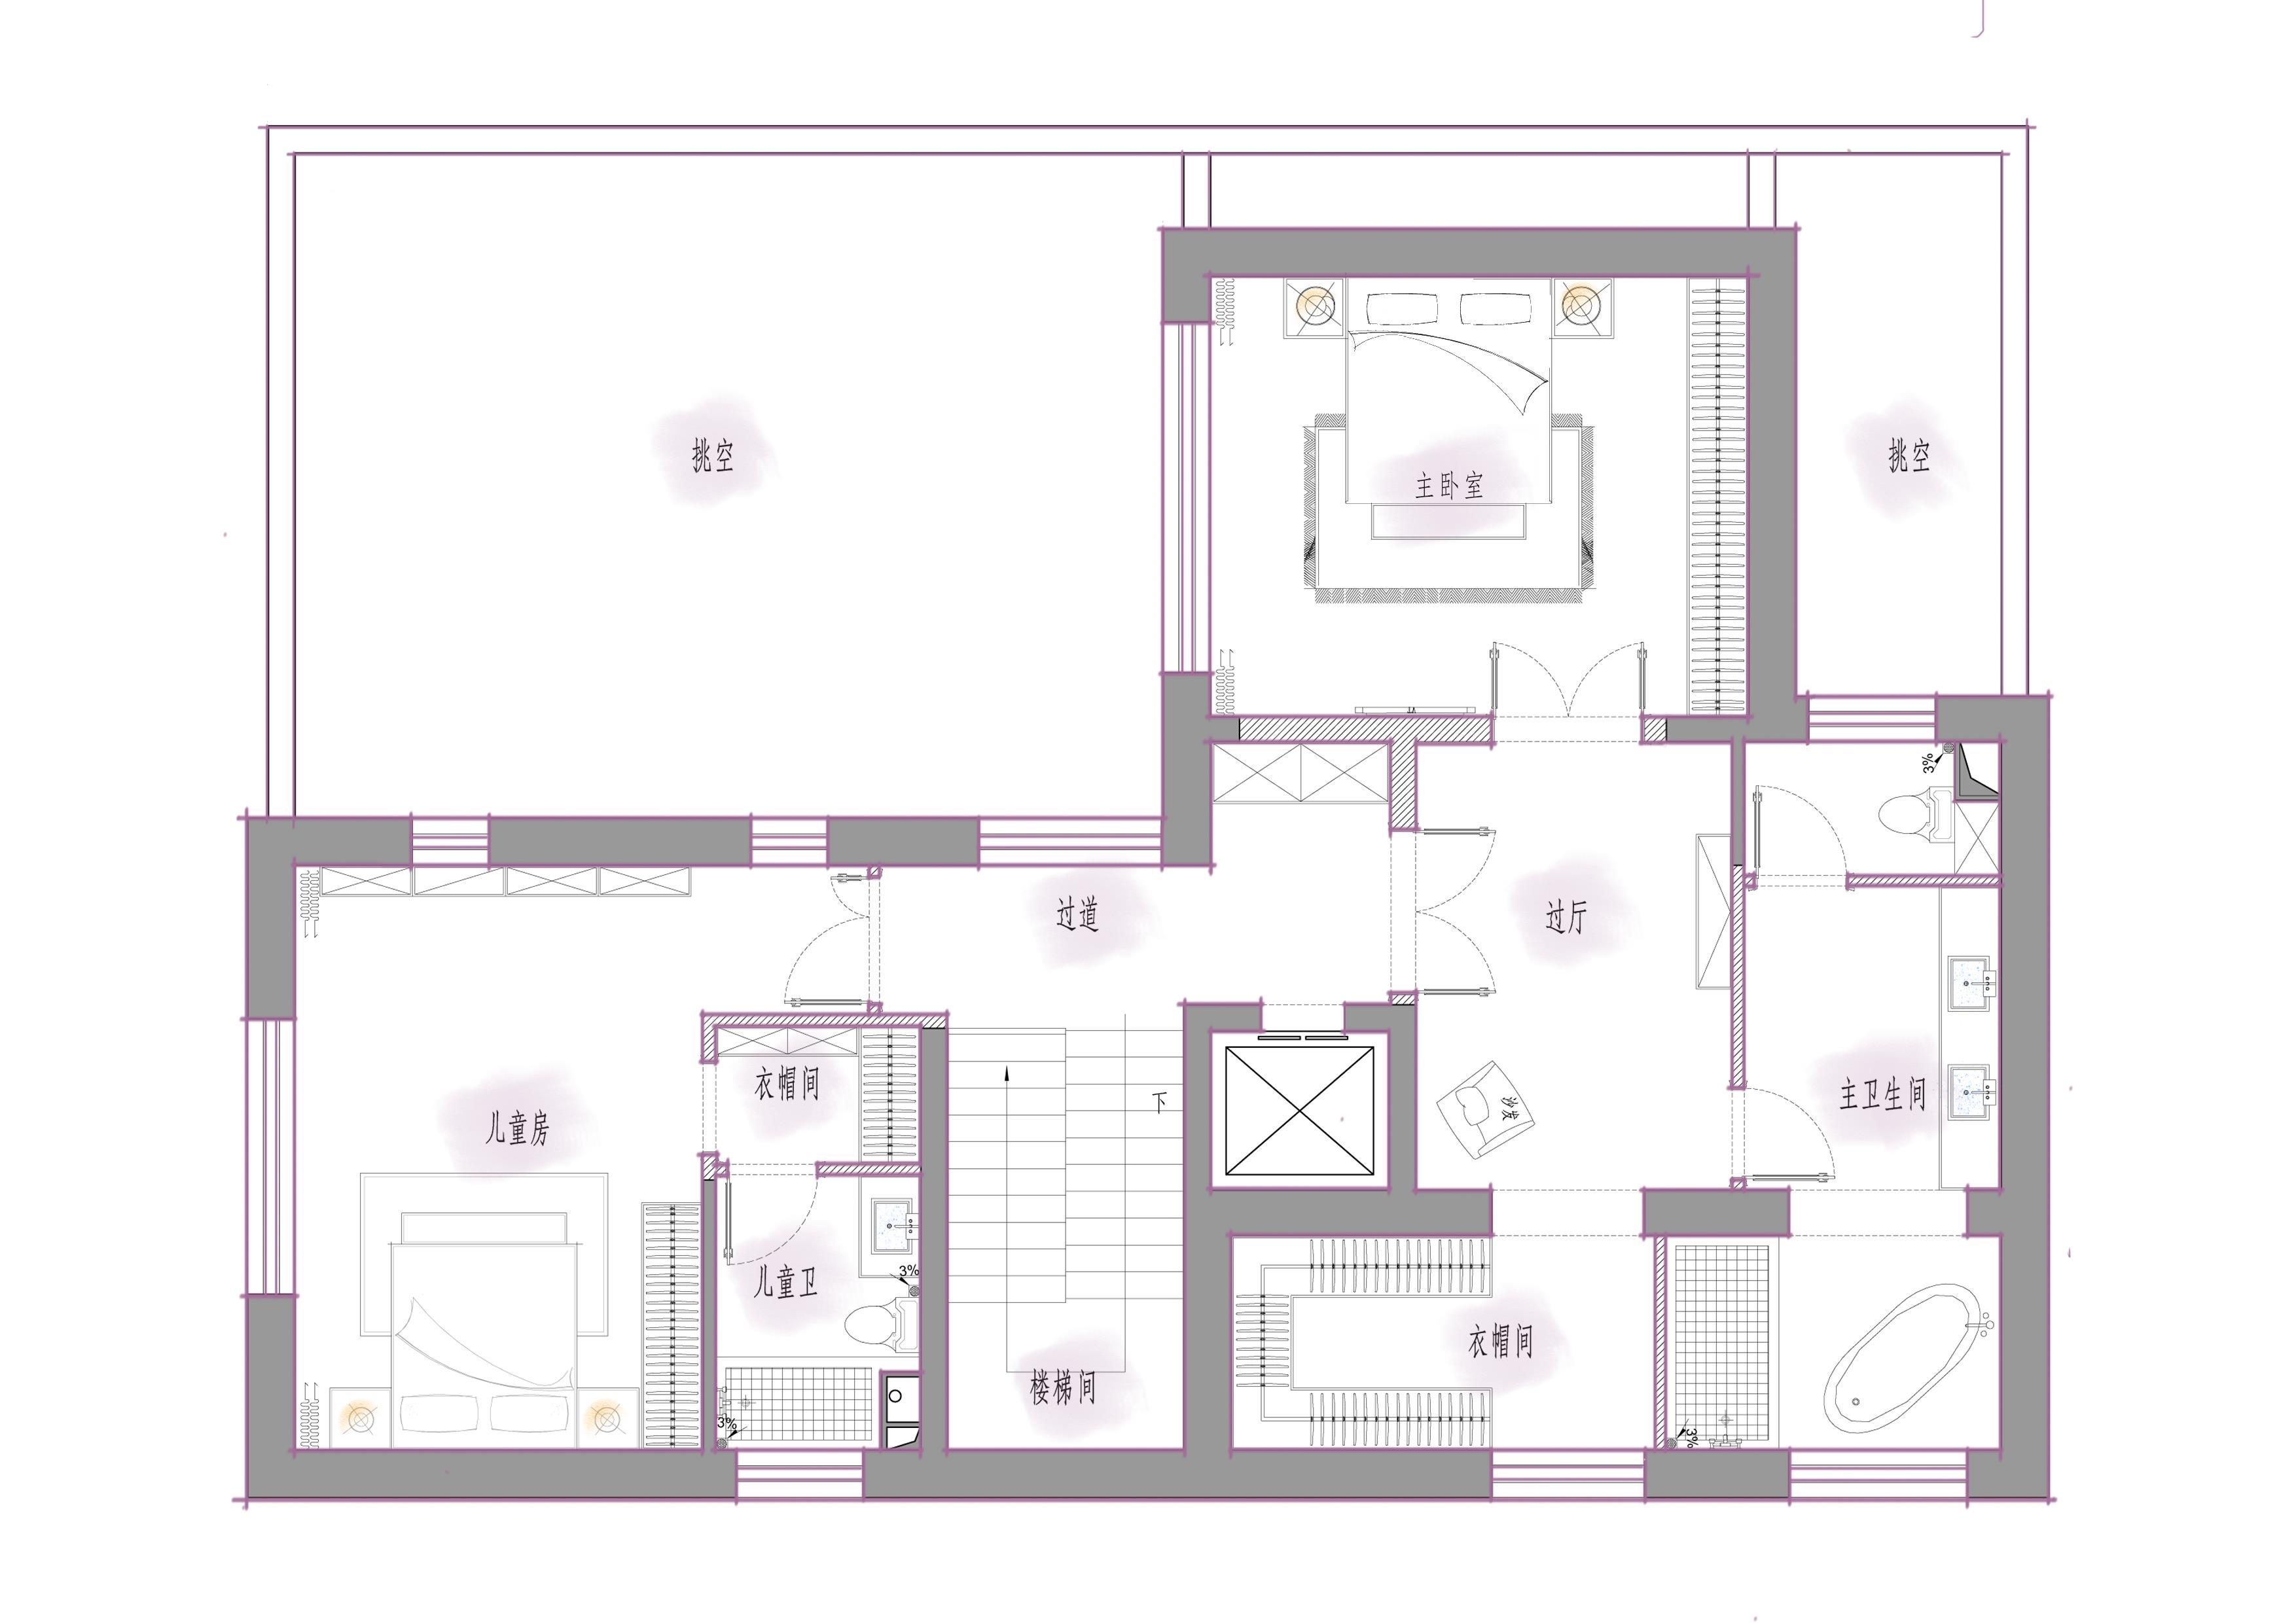 中糧瑞府-800平米-800平米-裝修效果圖裝修設計理念